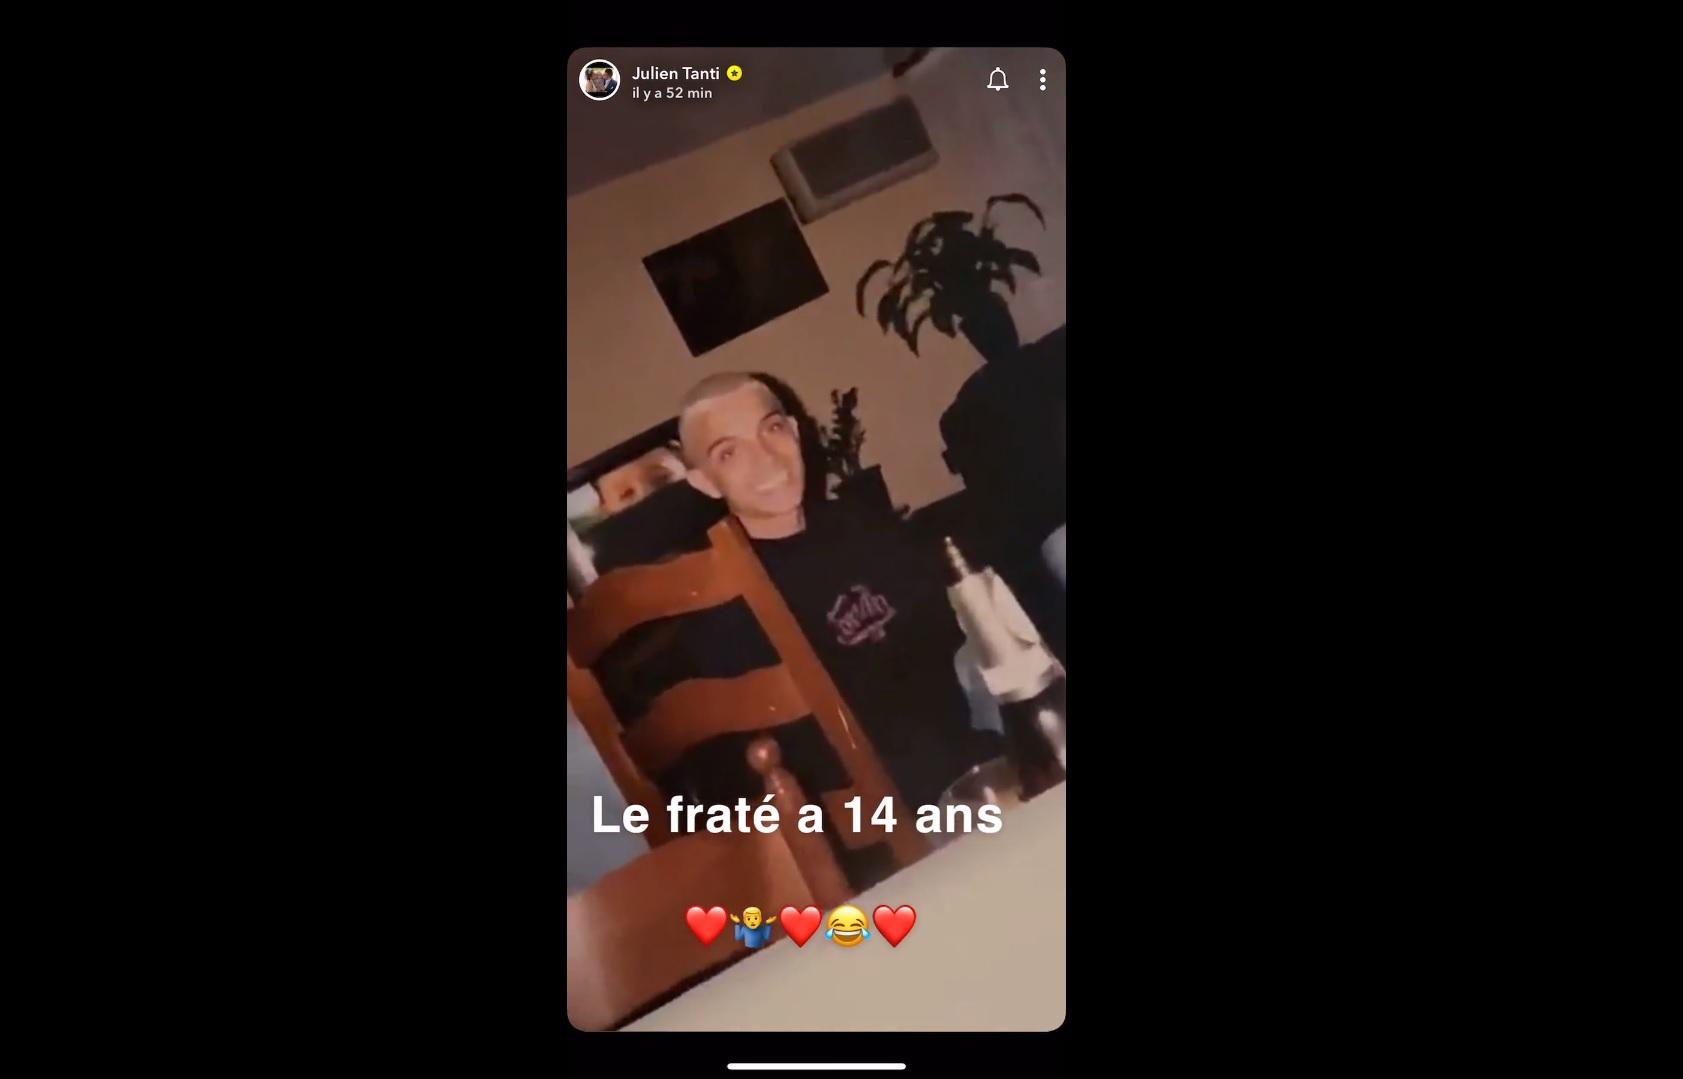 Julien Tanti (LMAC) dévoile une photo de lui lorsqu'il avait 14 ans !